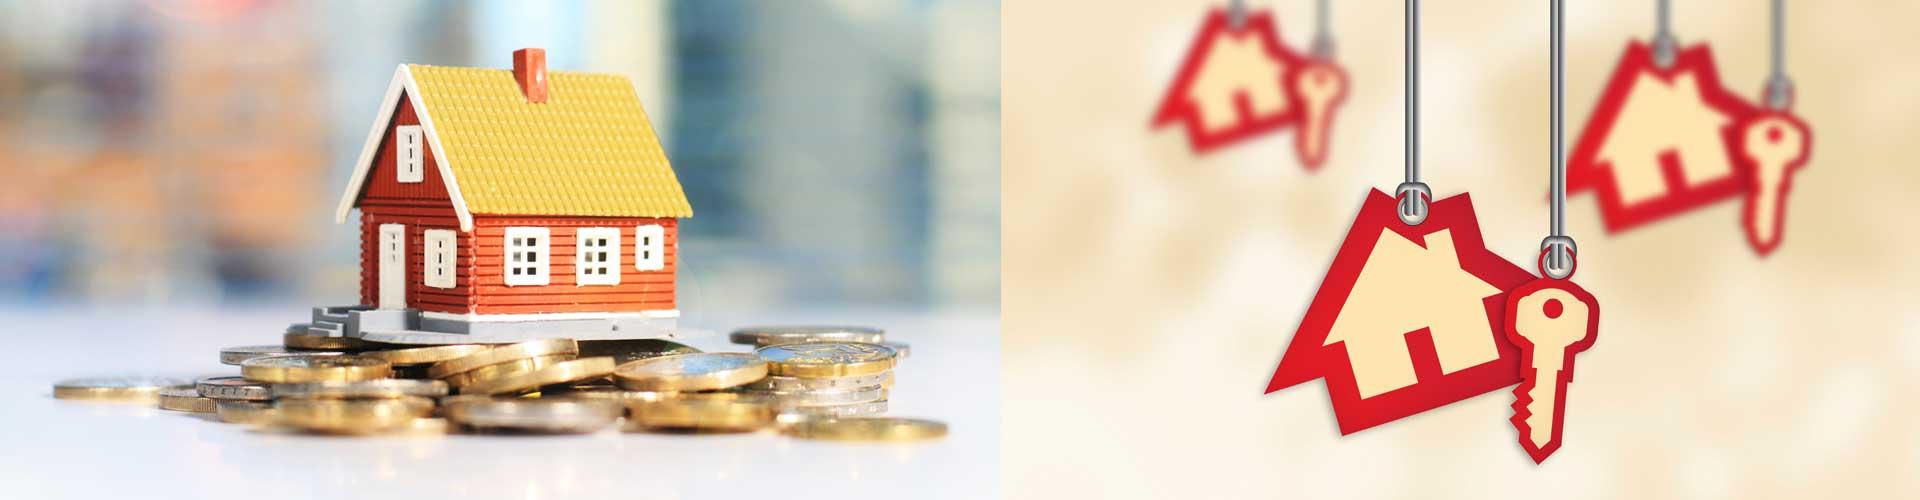 retail-finance